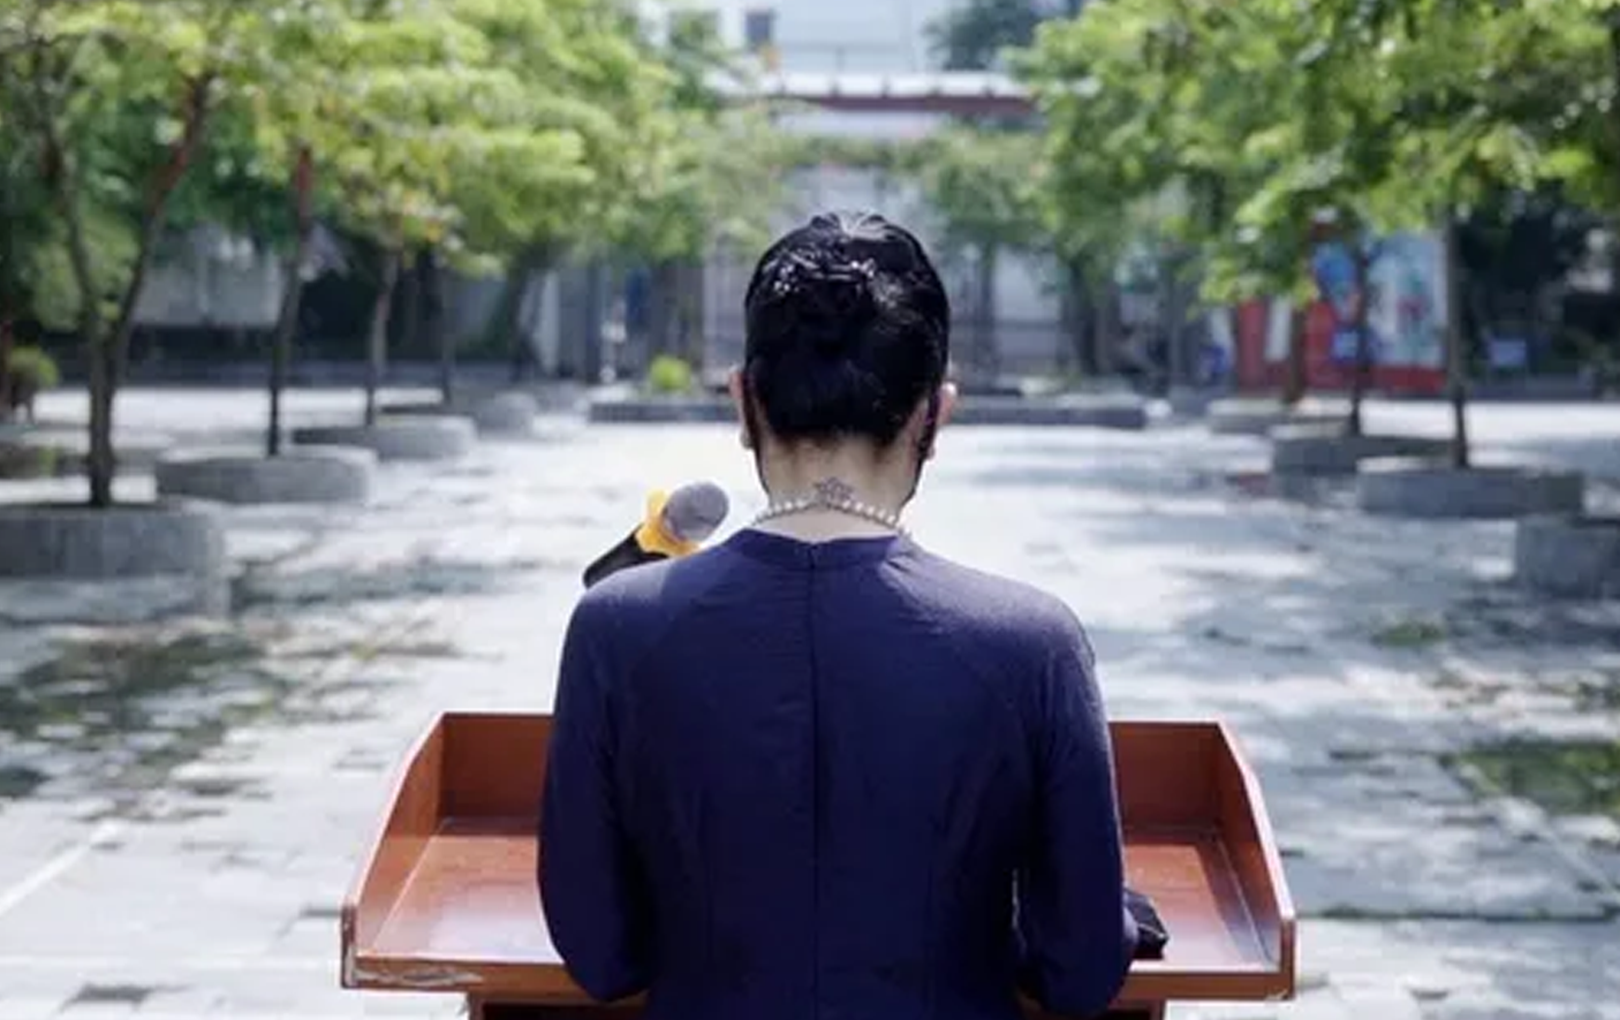 Gây tranh cãi về hình xăm trên cổ trong bức ảnh lễ khai giảng đặc biệt, cô Văn Thùy Dương nói gì?